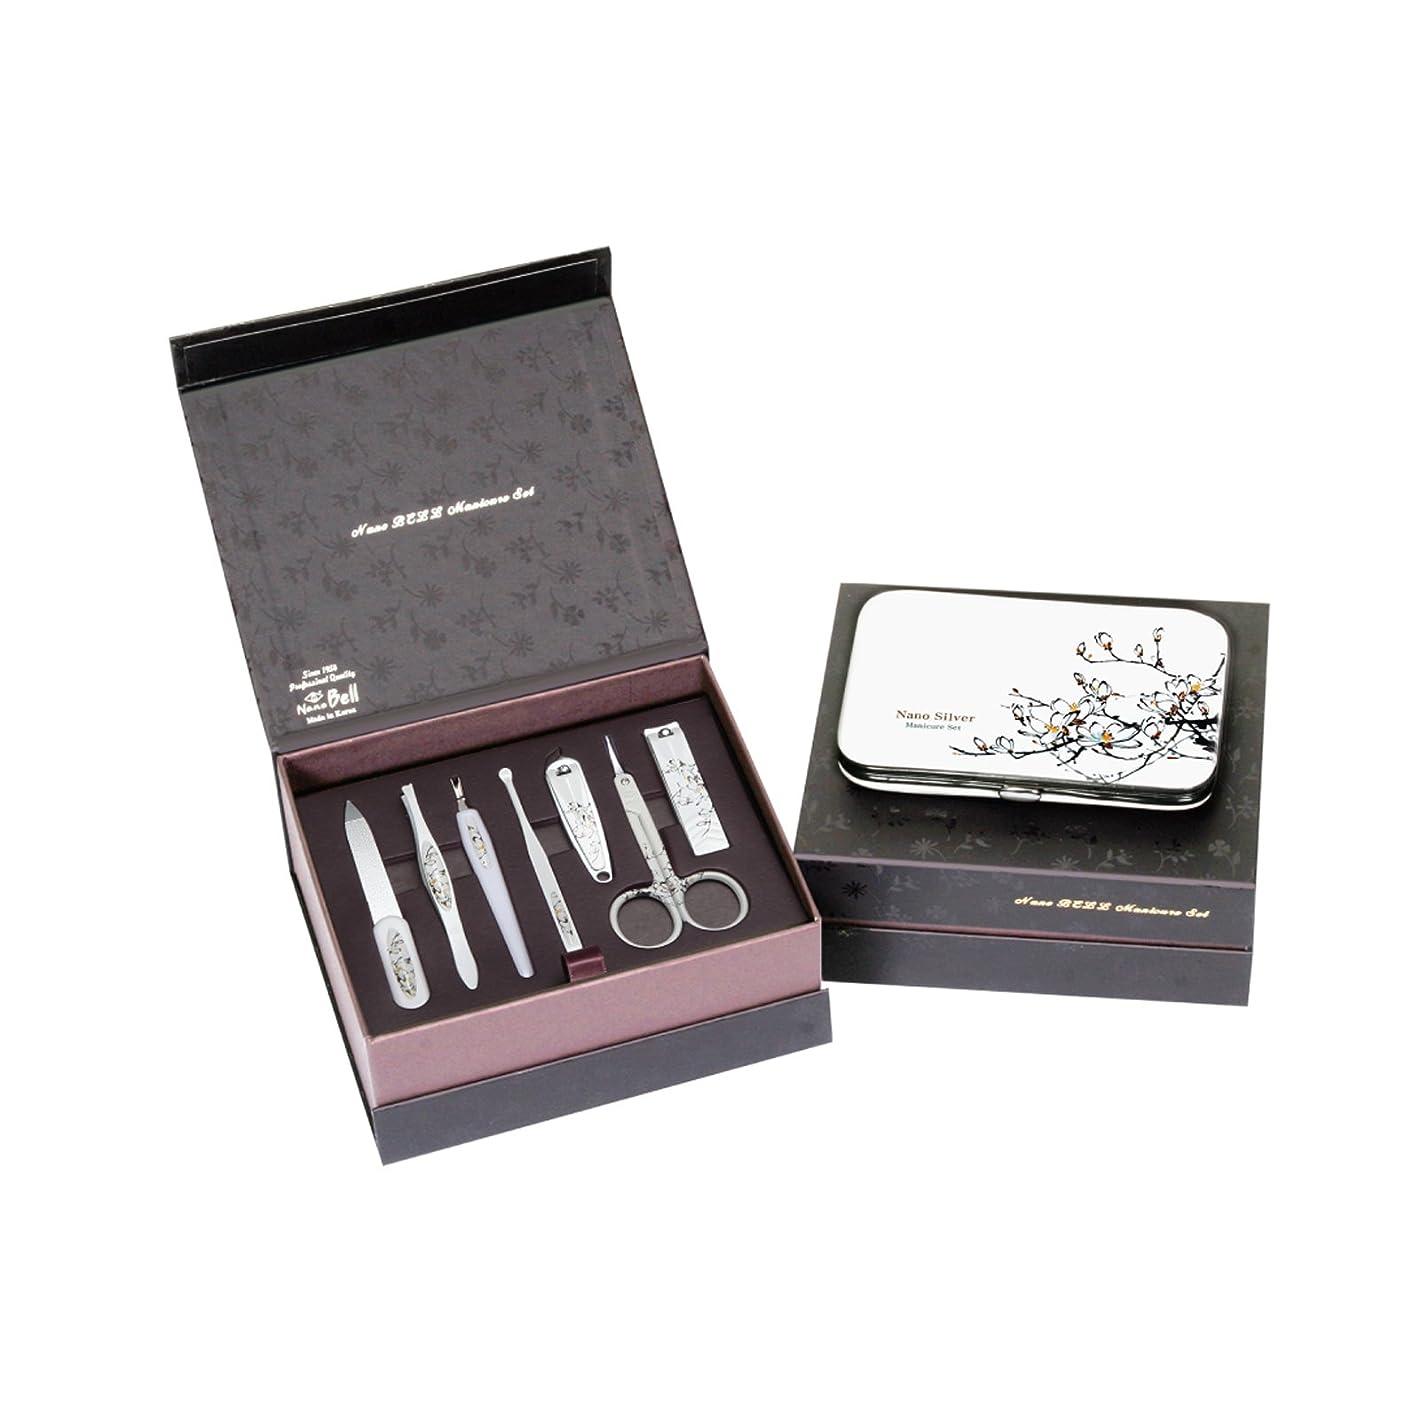 願うスペシャリストブロックするMETAL BELL Manicure Sets BN-8177A ポータブル爪の管理セット爪切りセット 高品質のネイルケアセット高級感のある東洋画のデザイン Portable Nail Clippers Nail Care Set